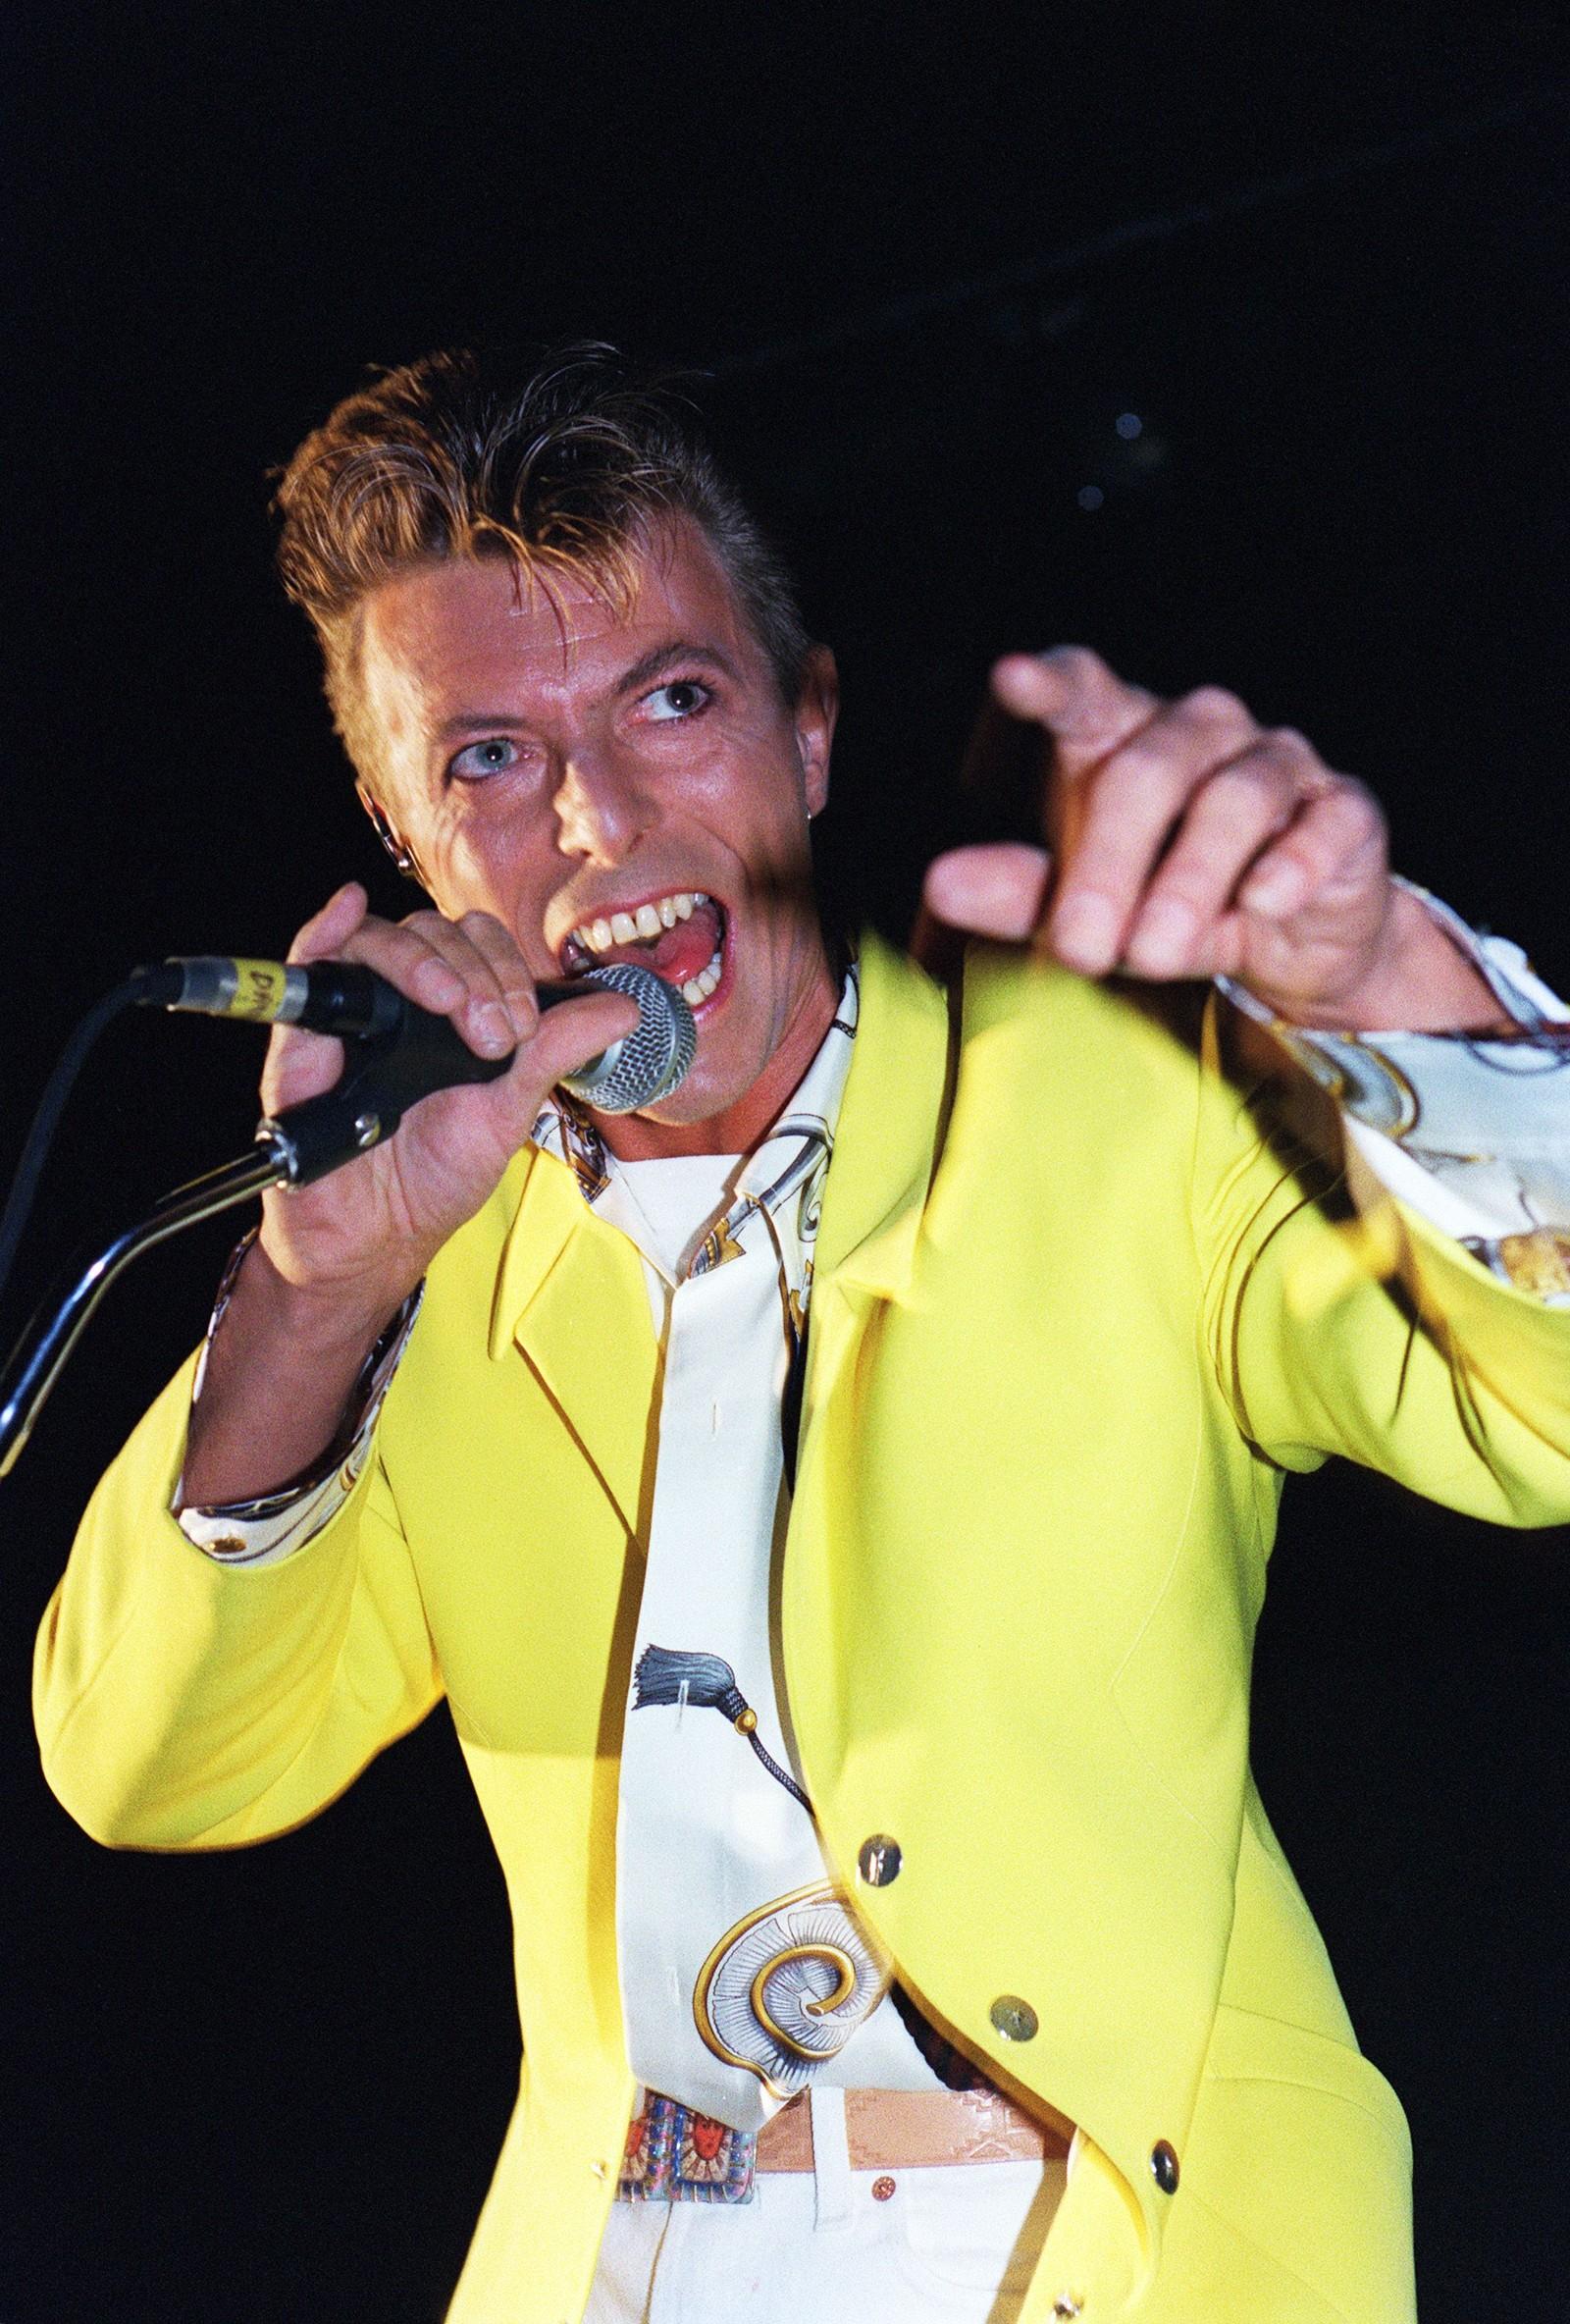 Her fra oktober 1991. David Bowie opptrer i Olympa concert hall i Paris.